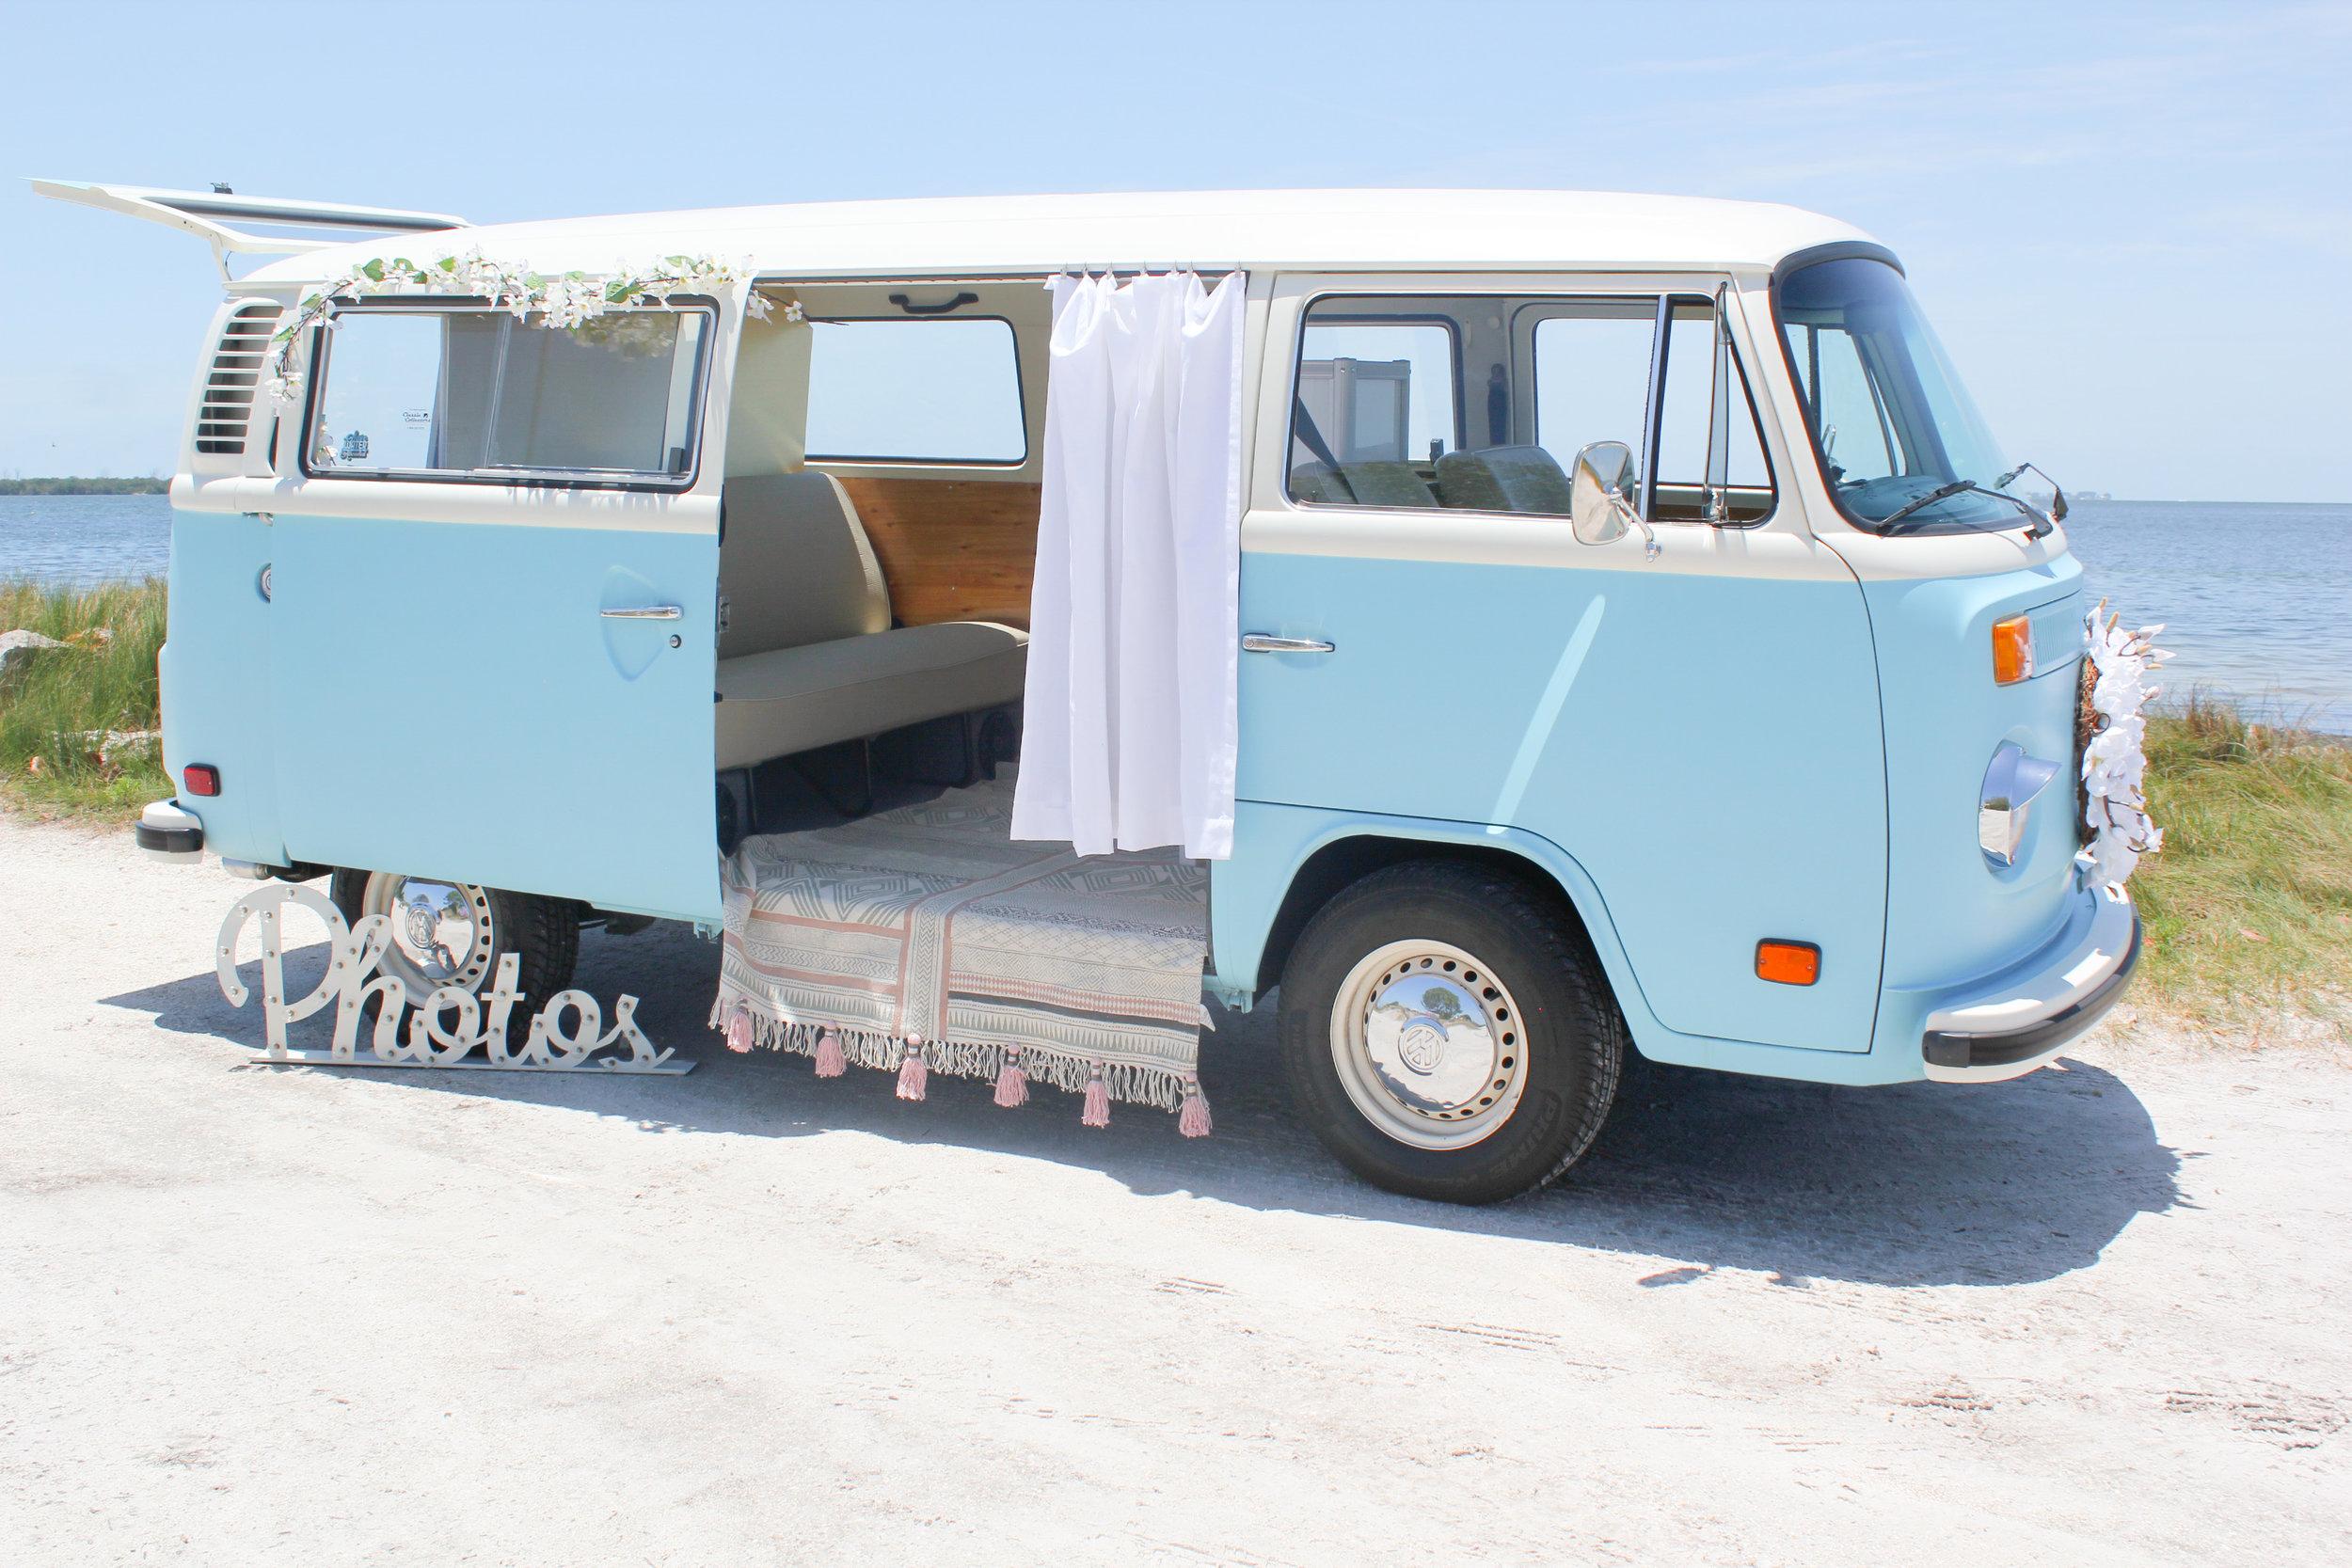 VW Photo Bus at the beach on Anna Maria Island.